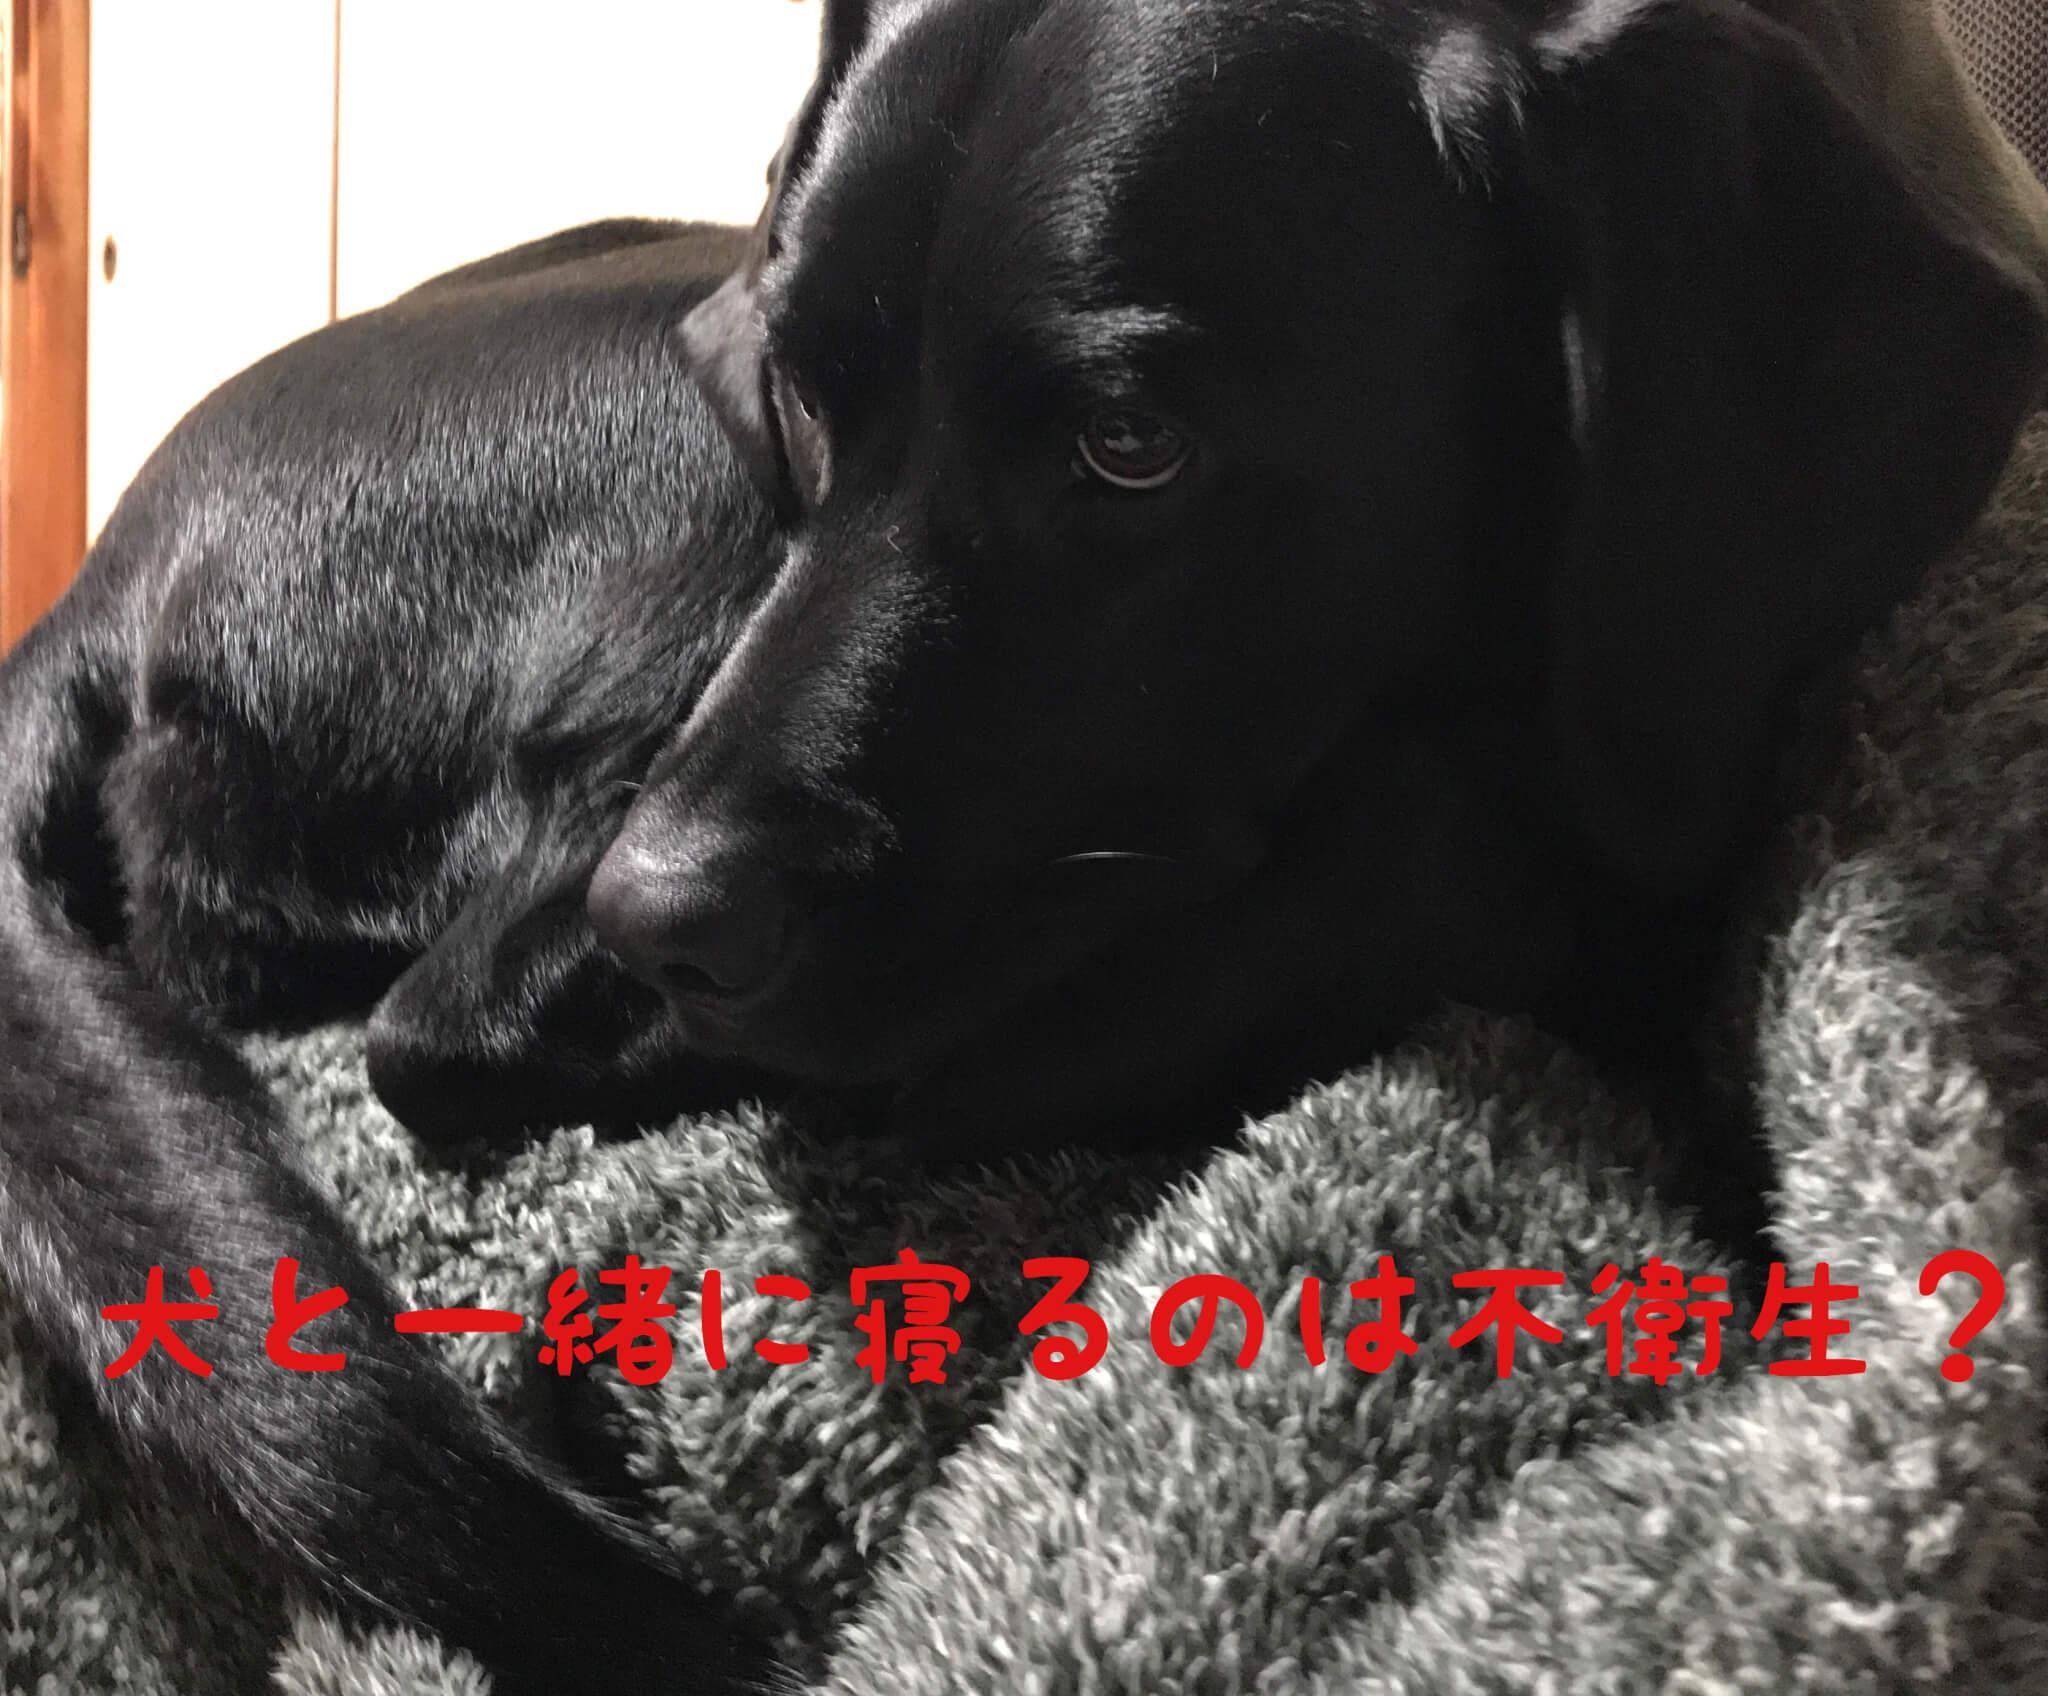 犬と一緒に寝るのは不衛生?ラブラドールレトリバー